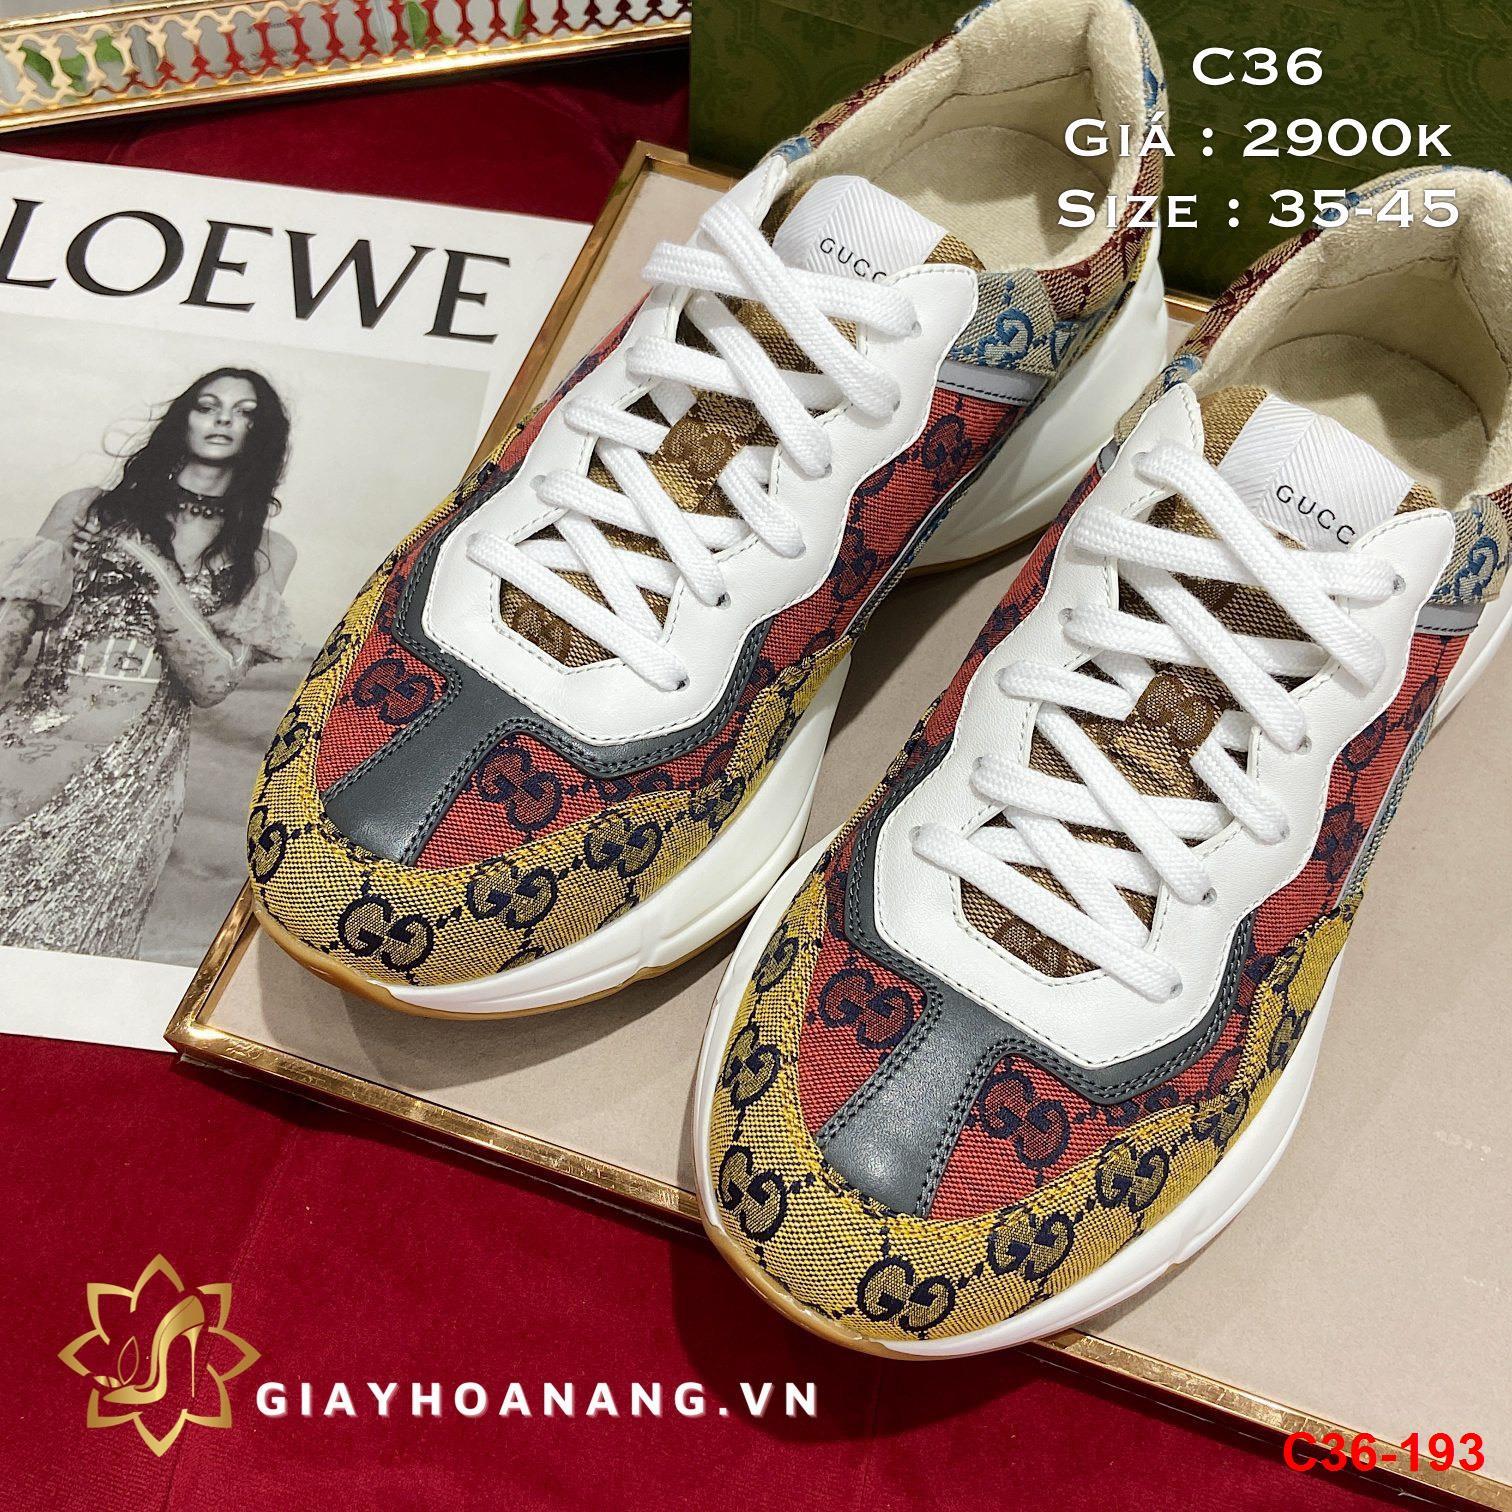 C36-193 Gucci giày thể thao siêu cấp